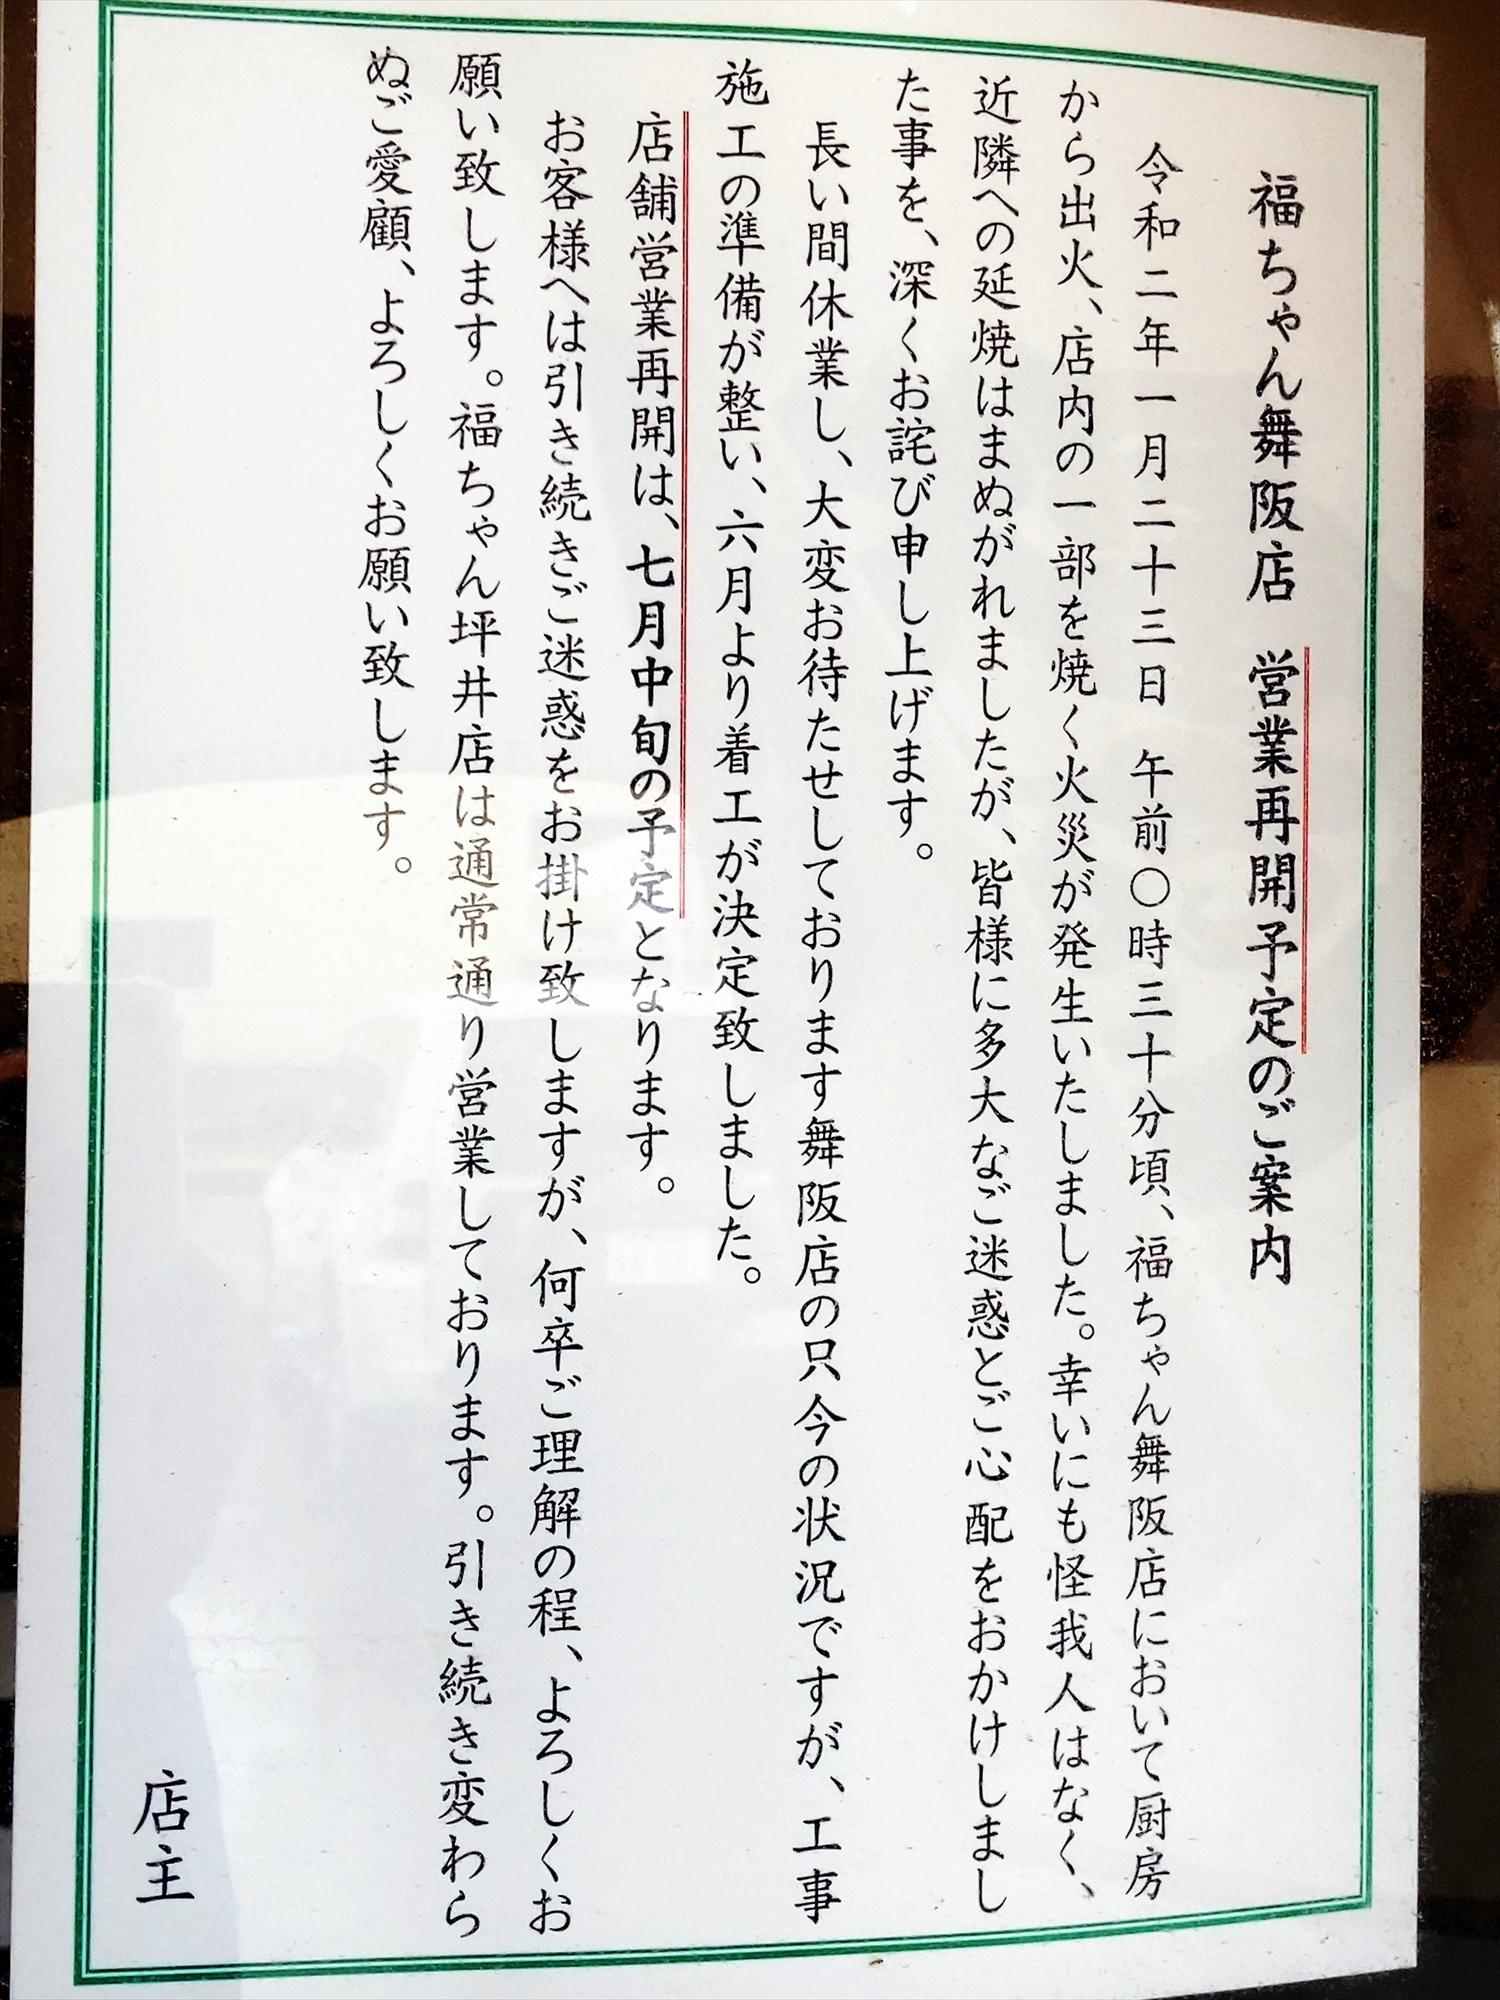 福ちゃん 坪井店の案内